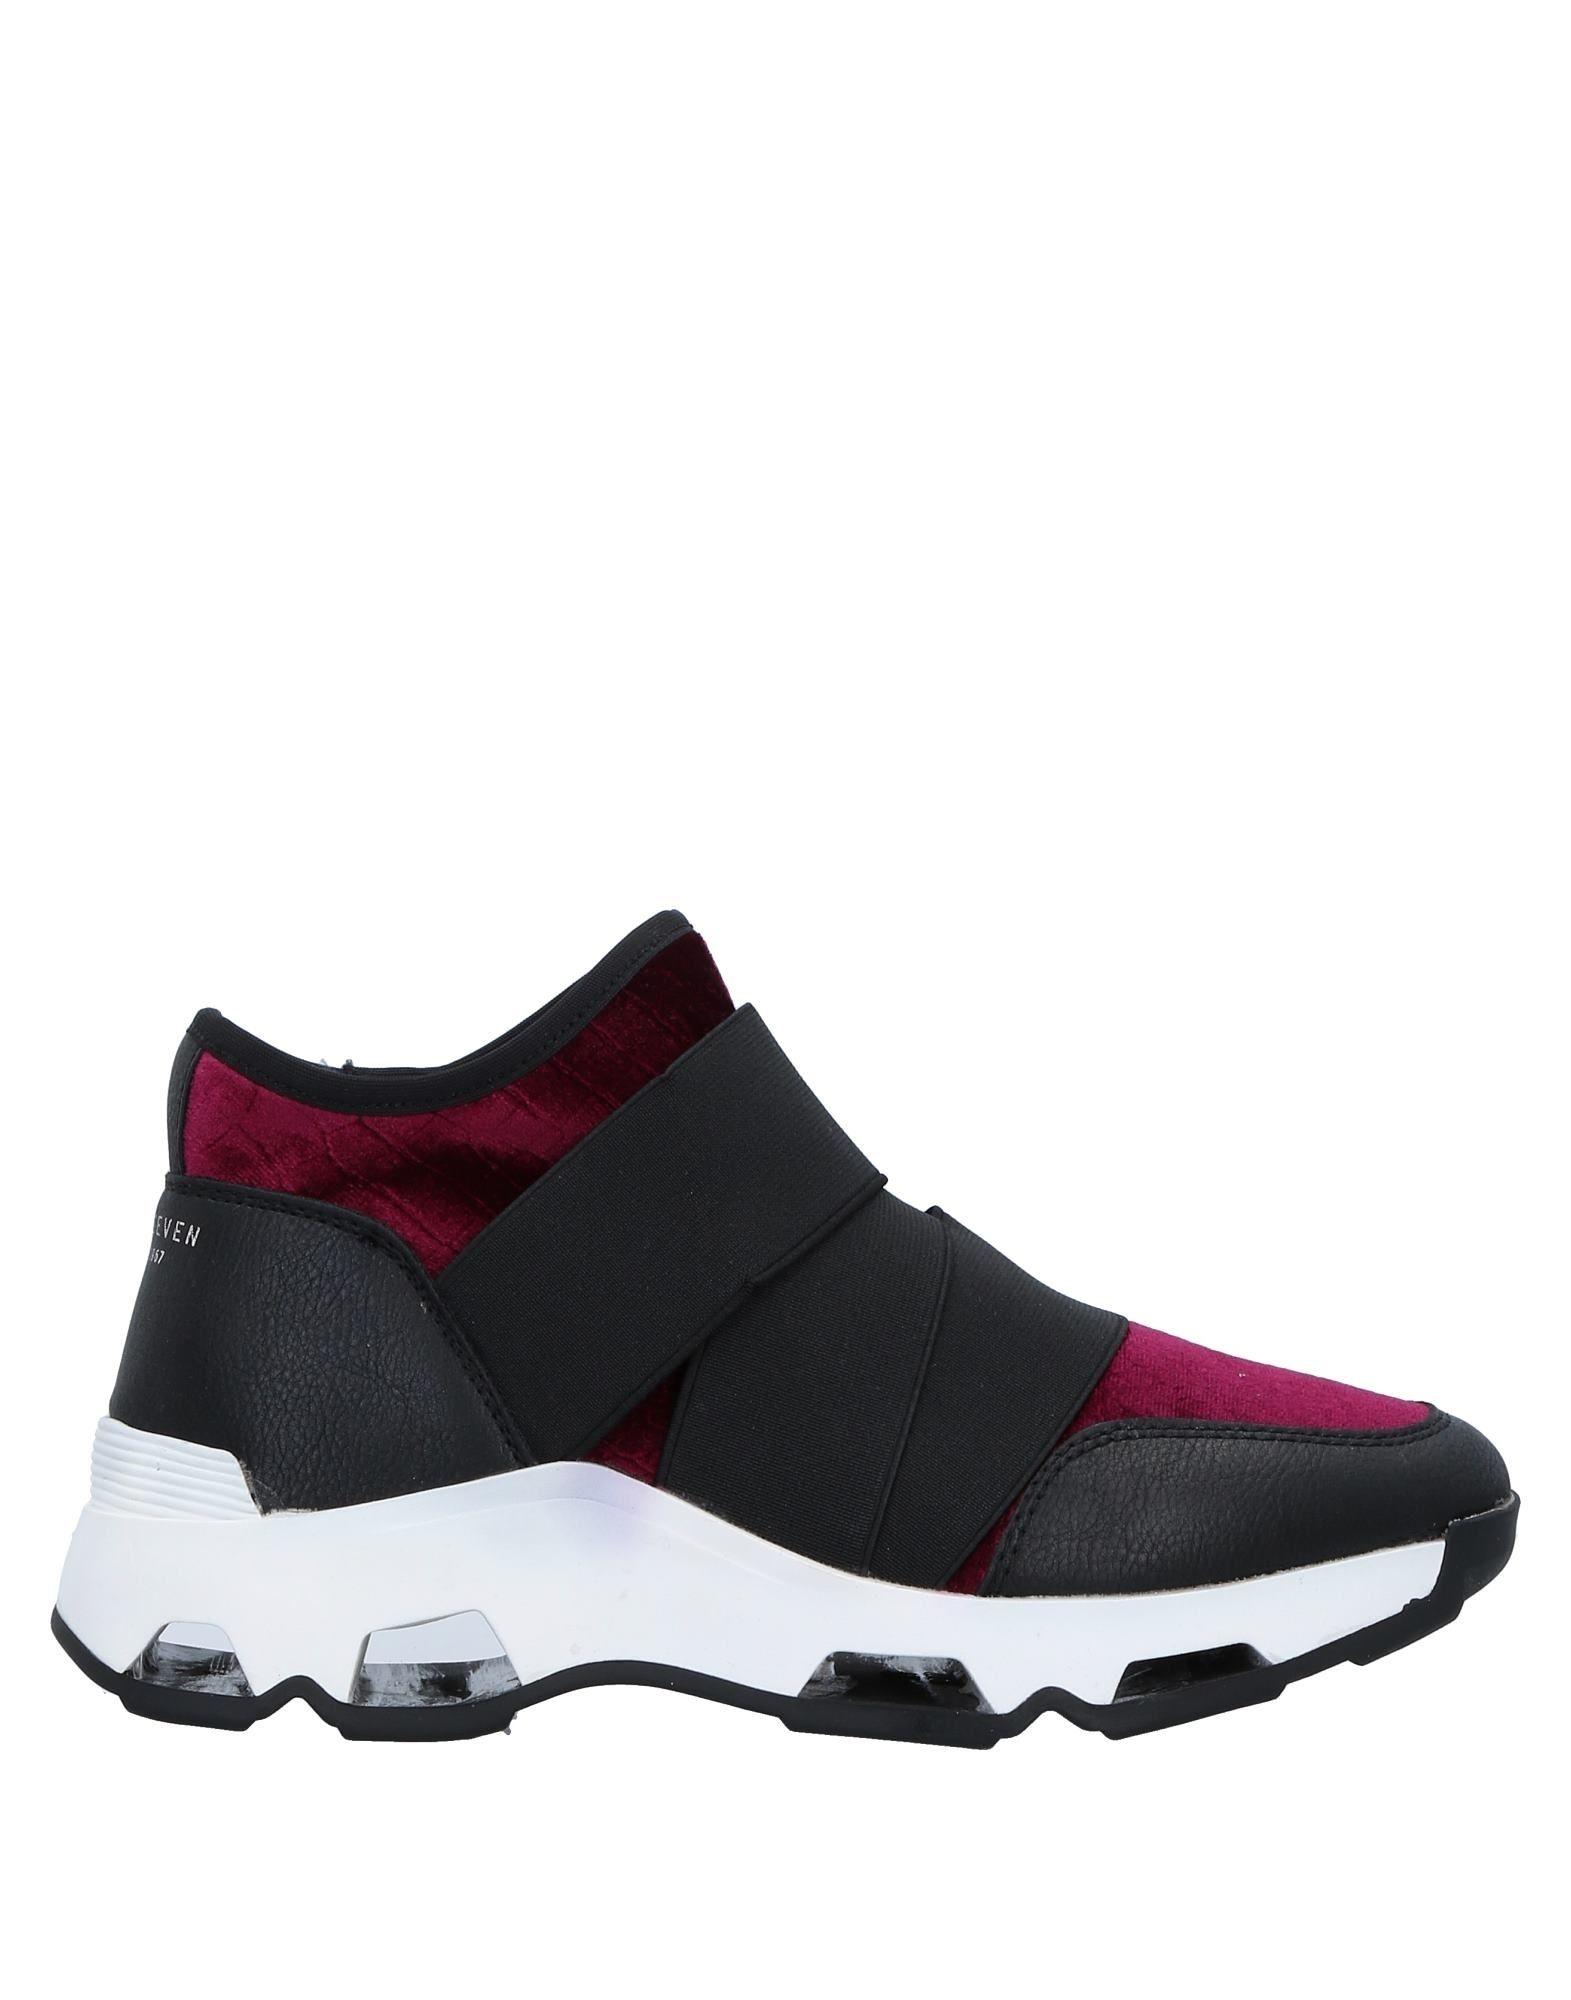 67 Sixtyseven Sneakers Damen  11542097SL Gute Qualität beliebte beliebte beliebte Schuhe 6c8e05